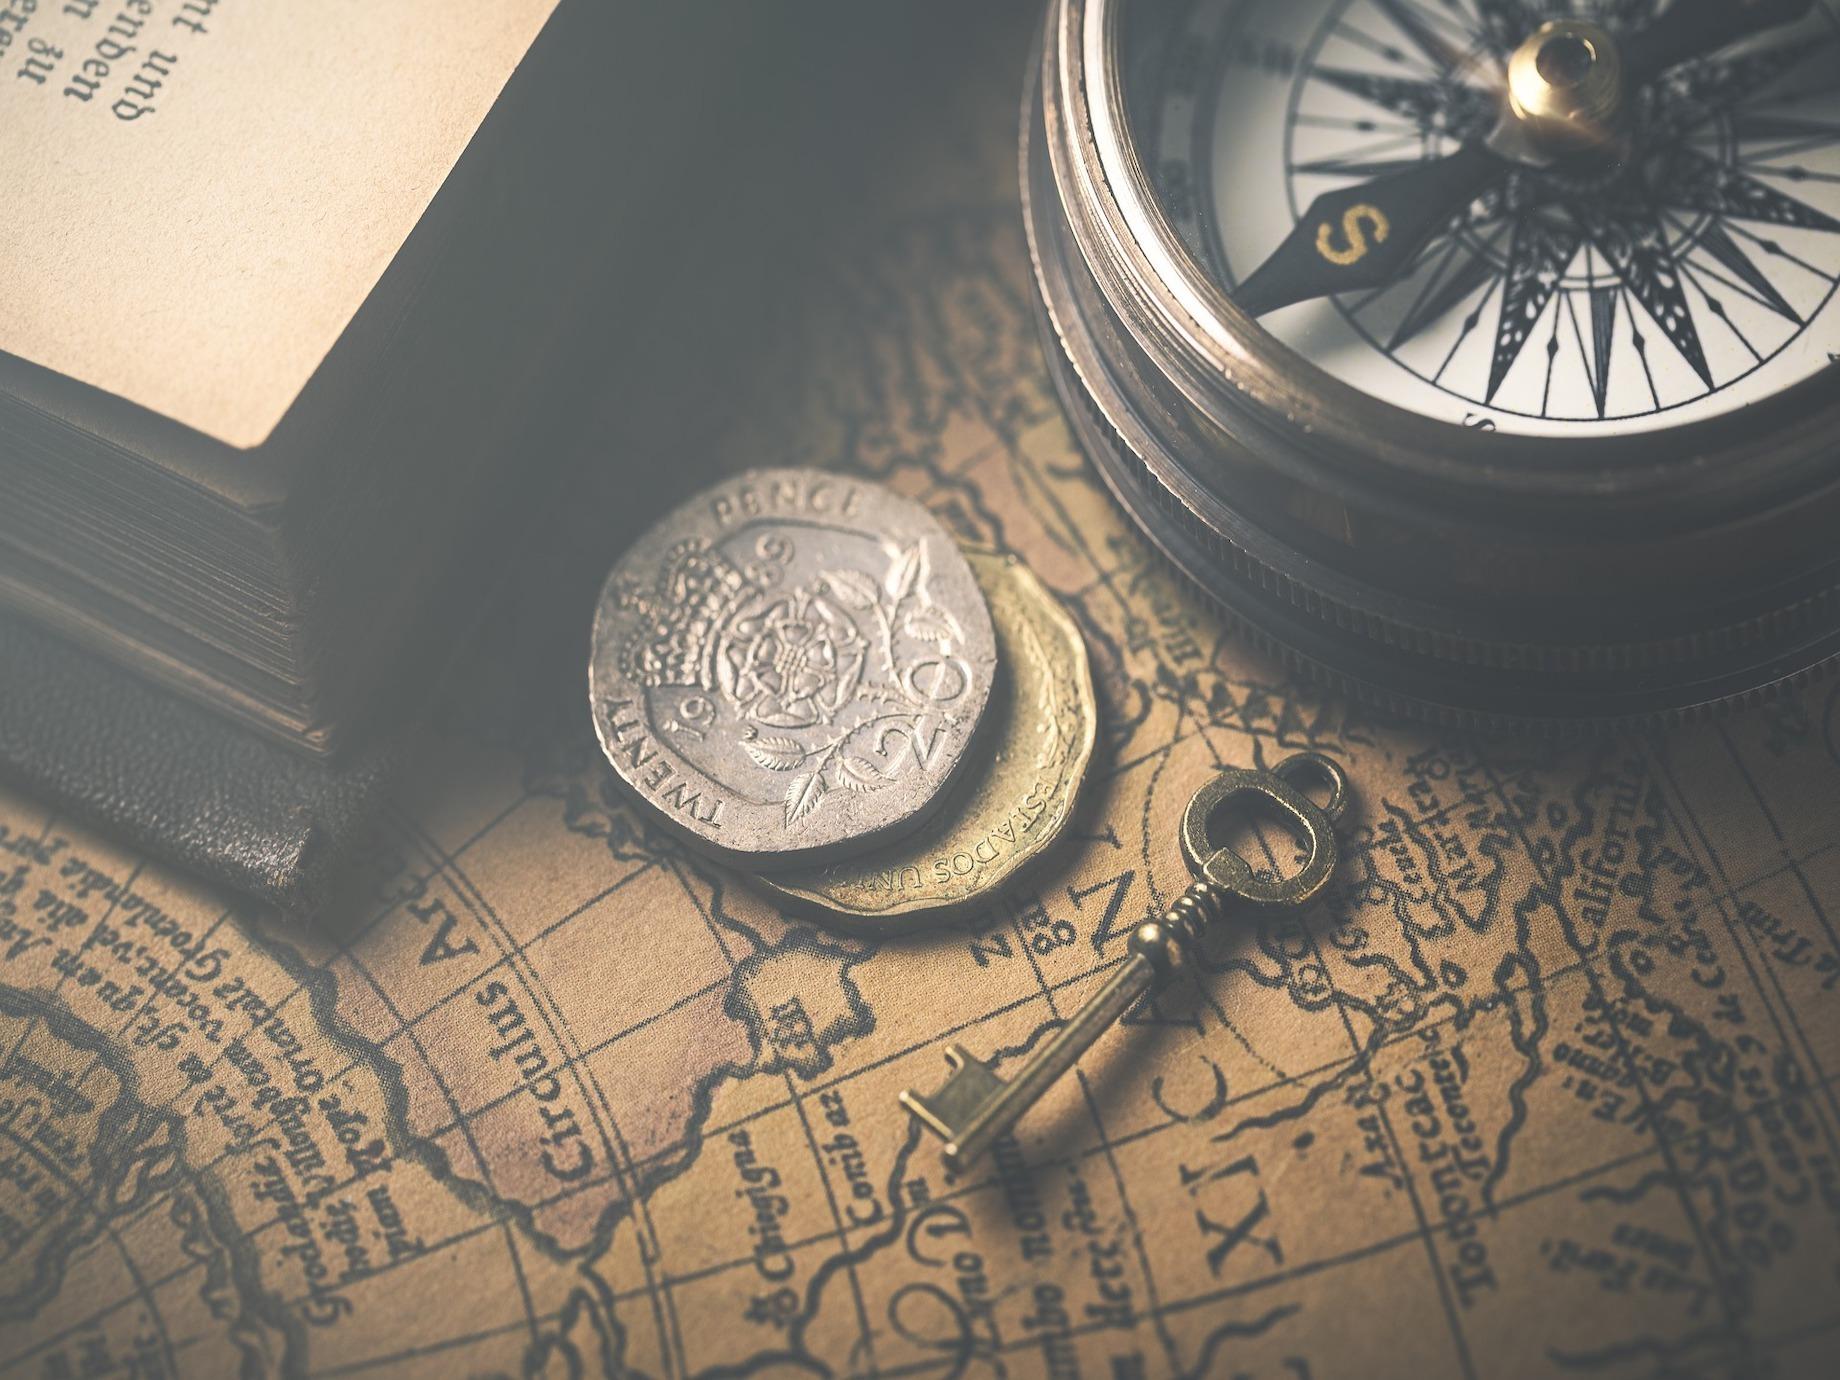 財報翻遍還是找不出「成本」花去哪裡?2張「生產地圖」幫你輕鬆建立成本管理概念